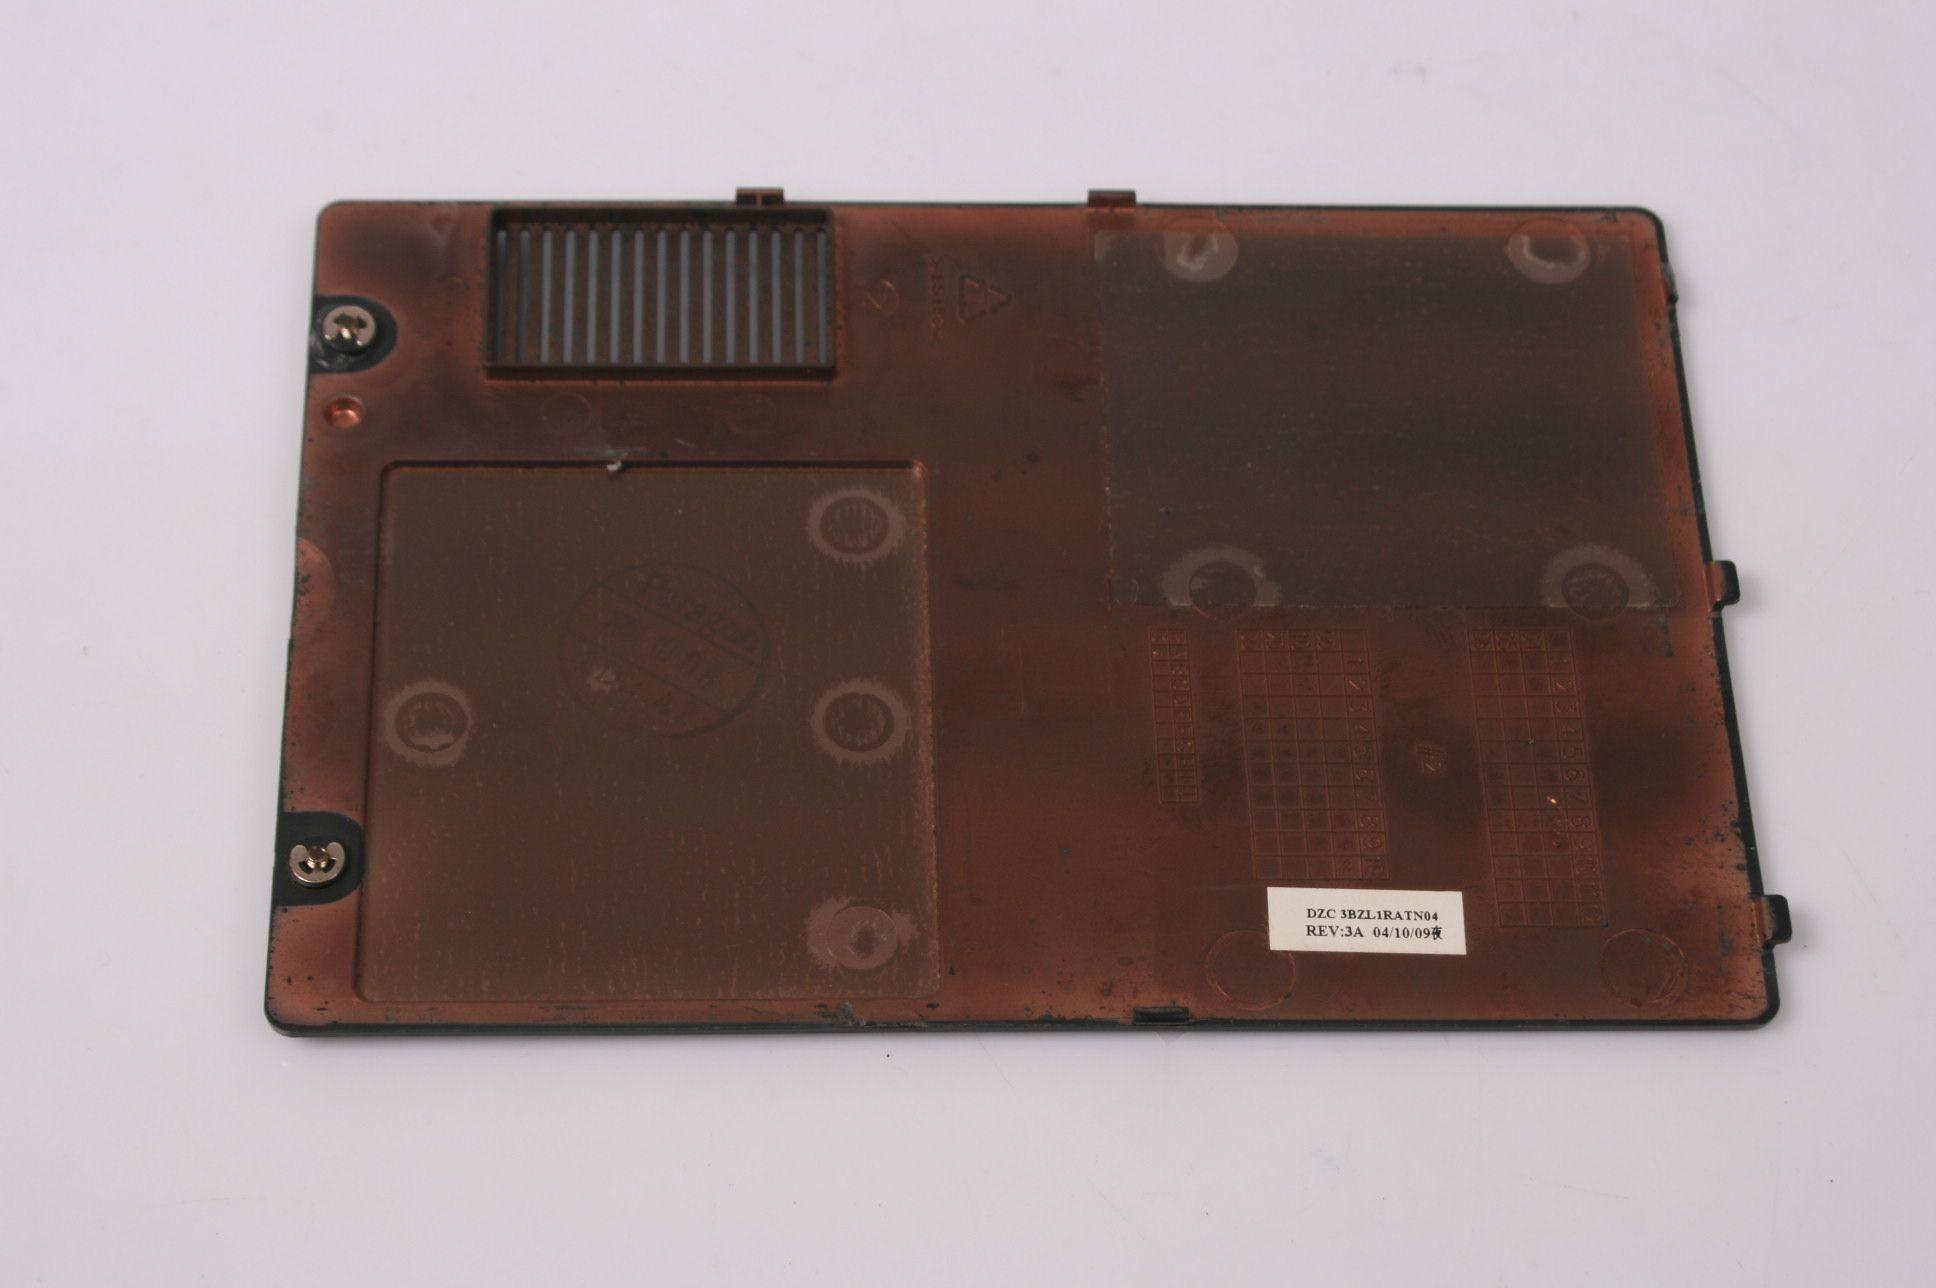 Acer Travelmate 4000 4500 2300 Memory Ram Wifi Cover Door 3BZL1RATN04